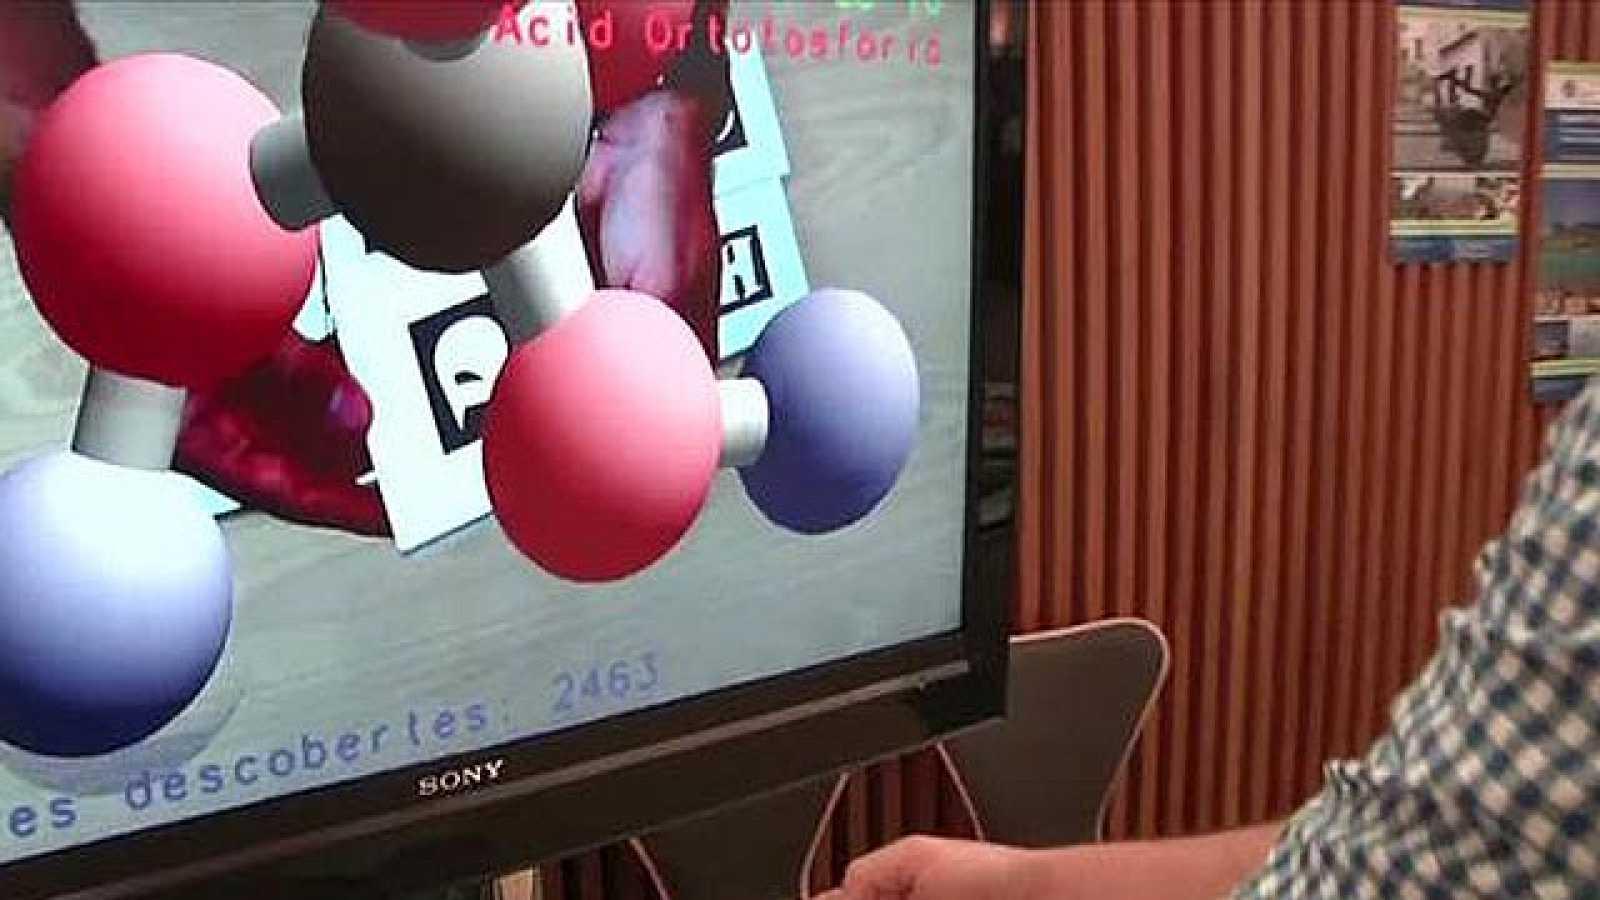 Metaversos 2011: Los mundos virtuales toman la realidad